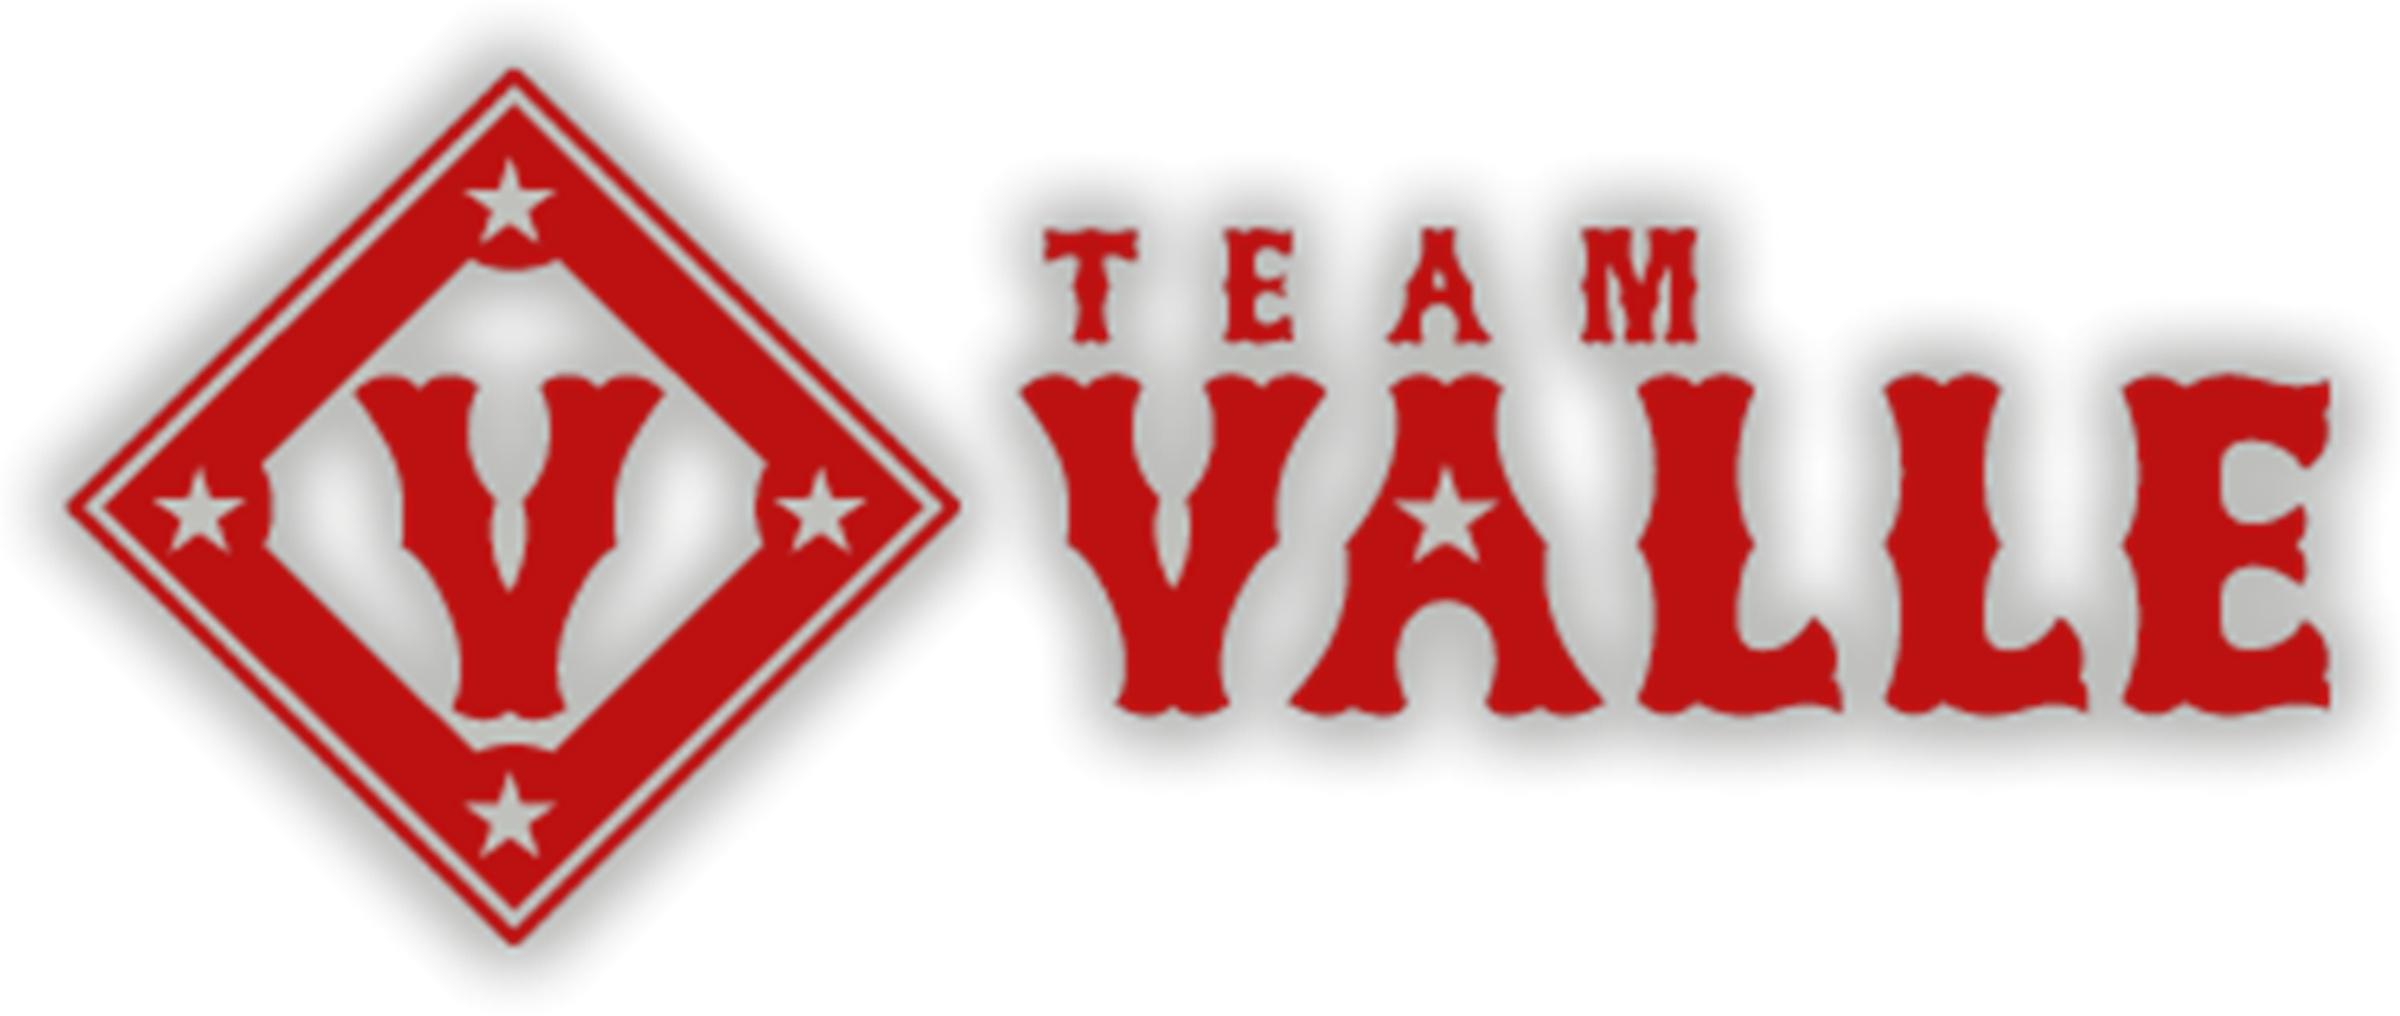 Team Valle